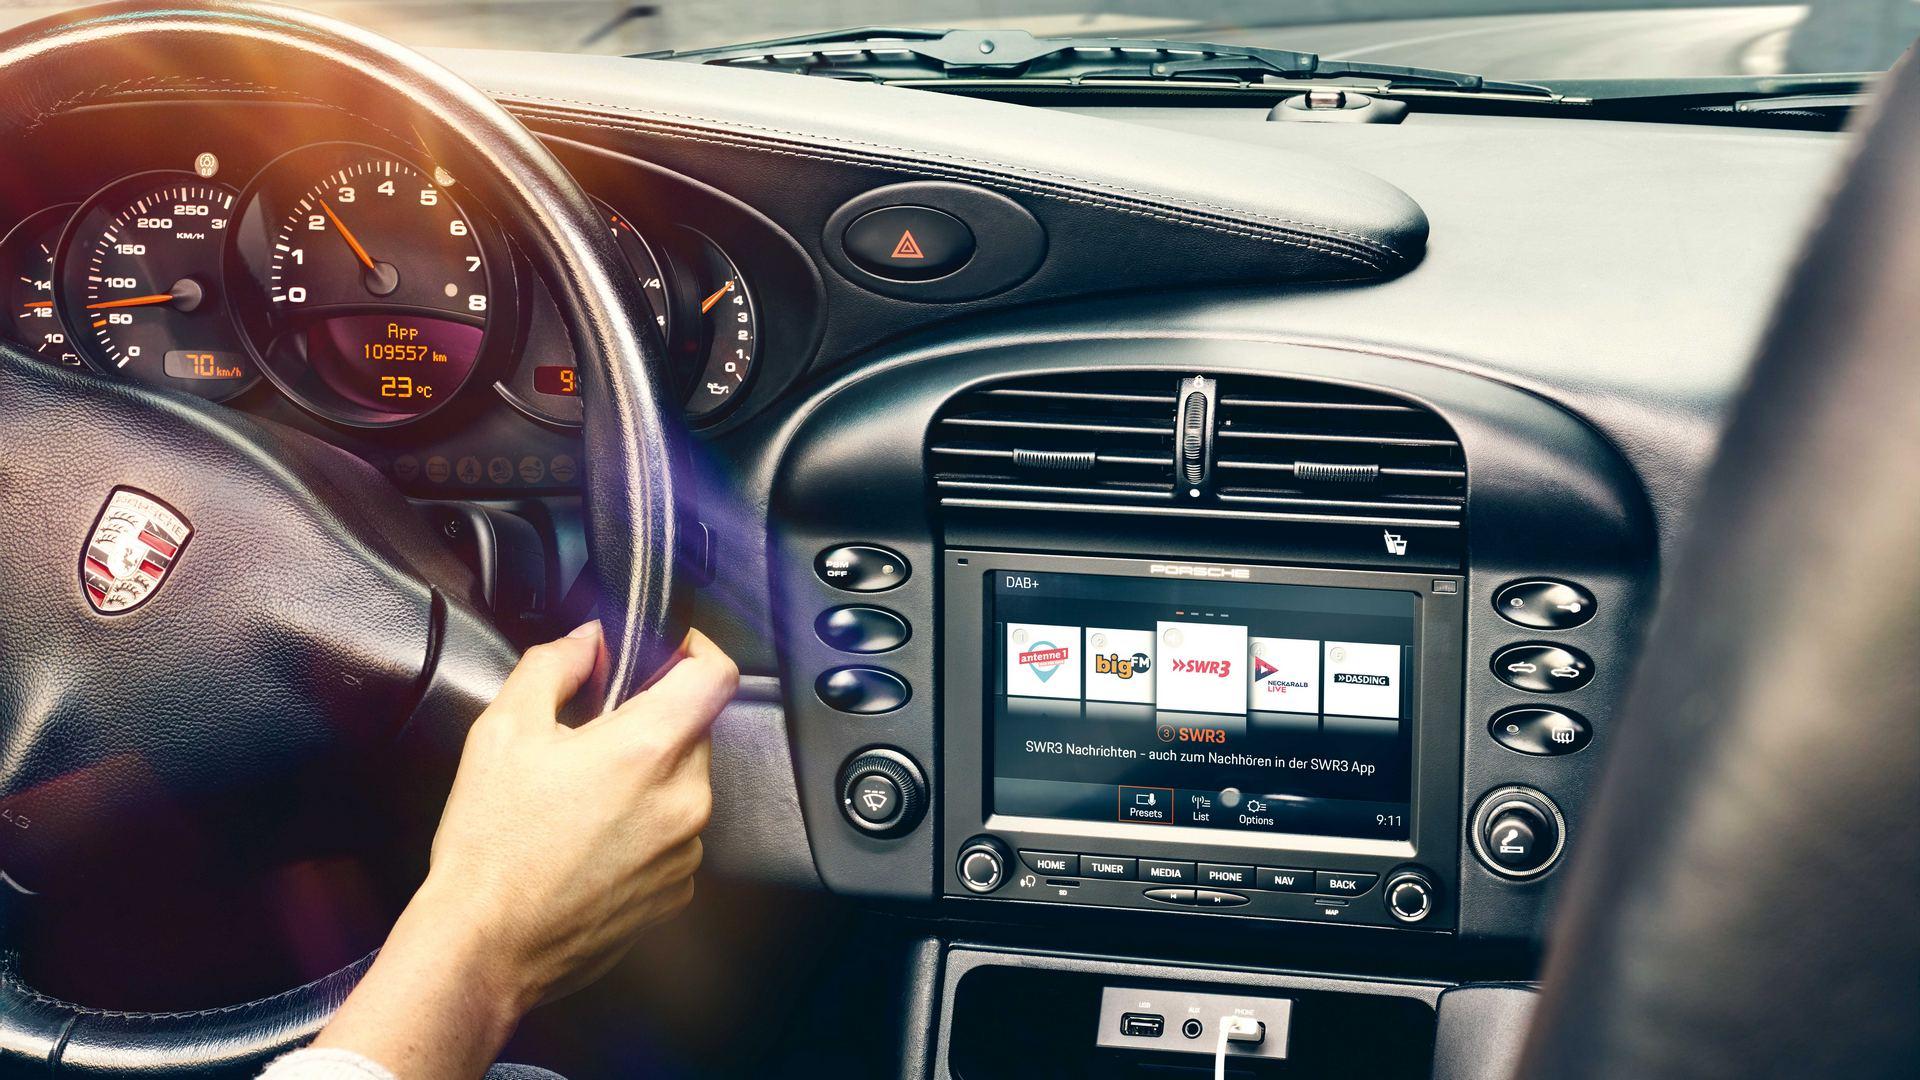 Porsche Classic Communication System